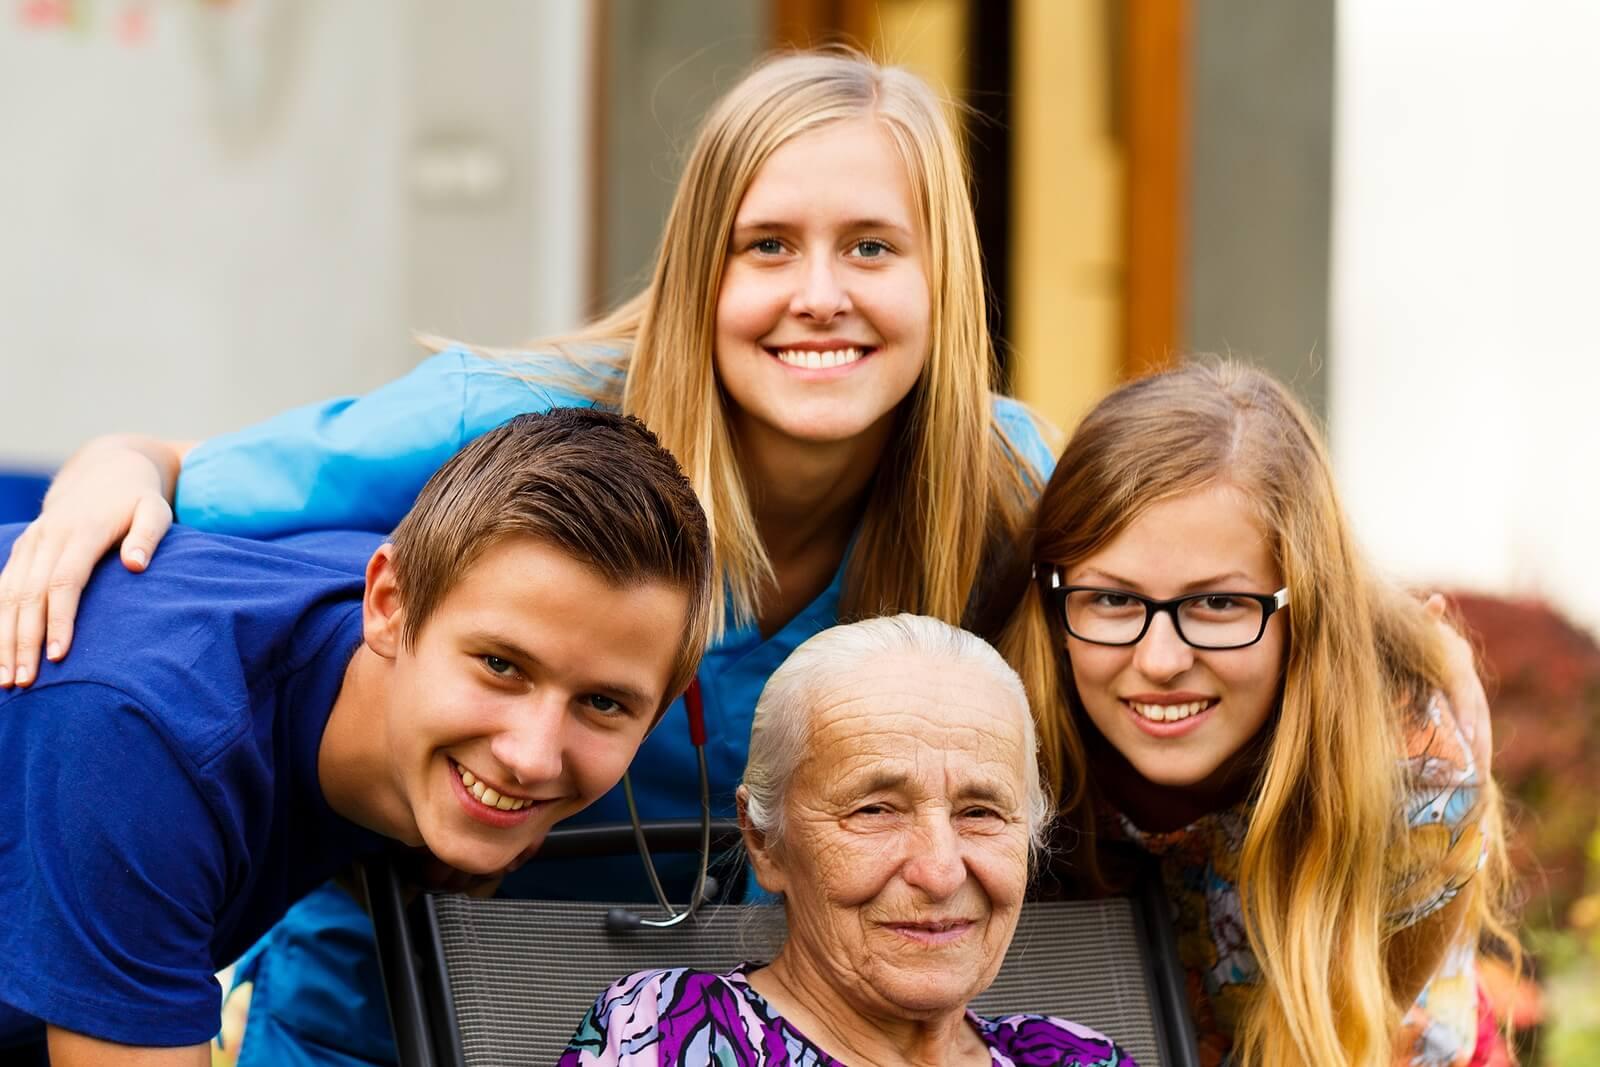 Nietos visitando a su abuela con alzhéimer.